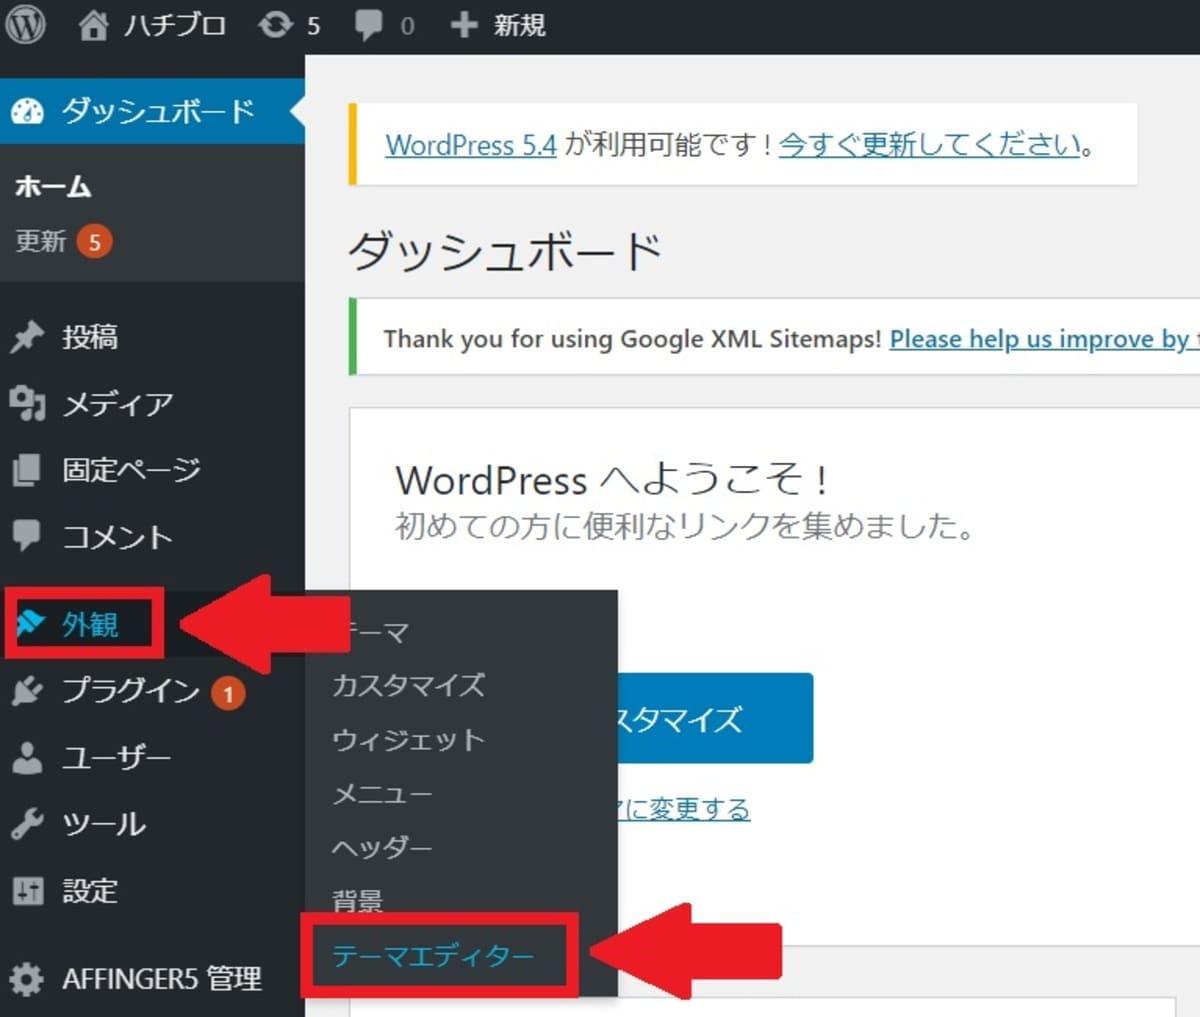 AFFINGER5のサイドバープロフィールを改行する方法(WordPressダッシュボード→外観→テーマエディター)